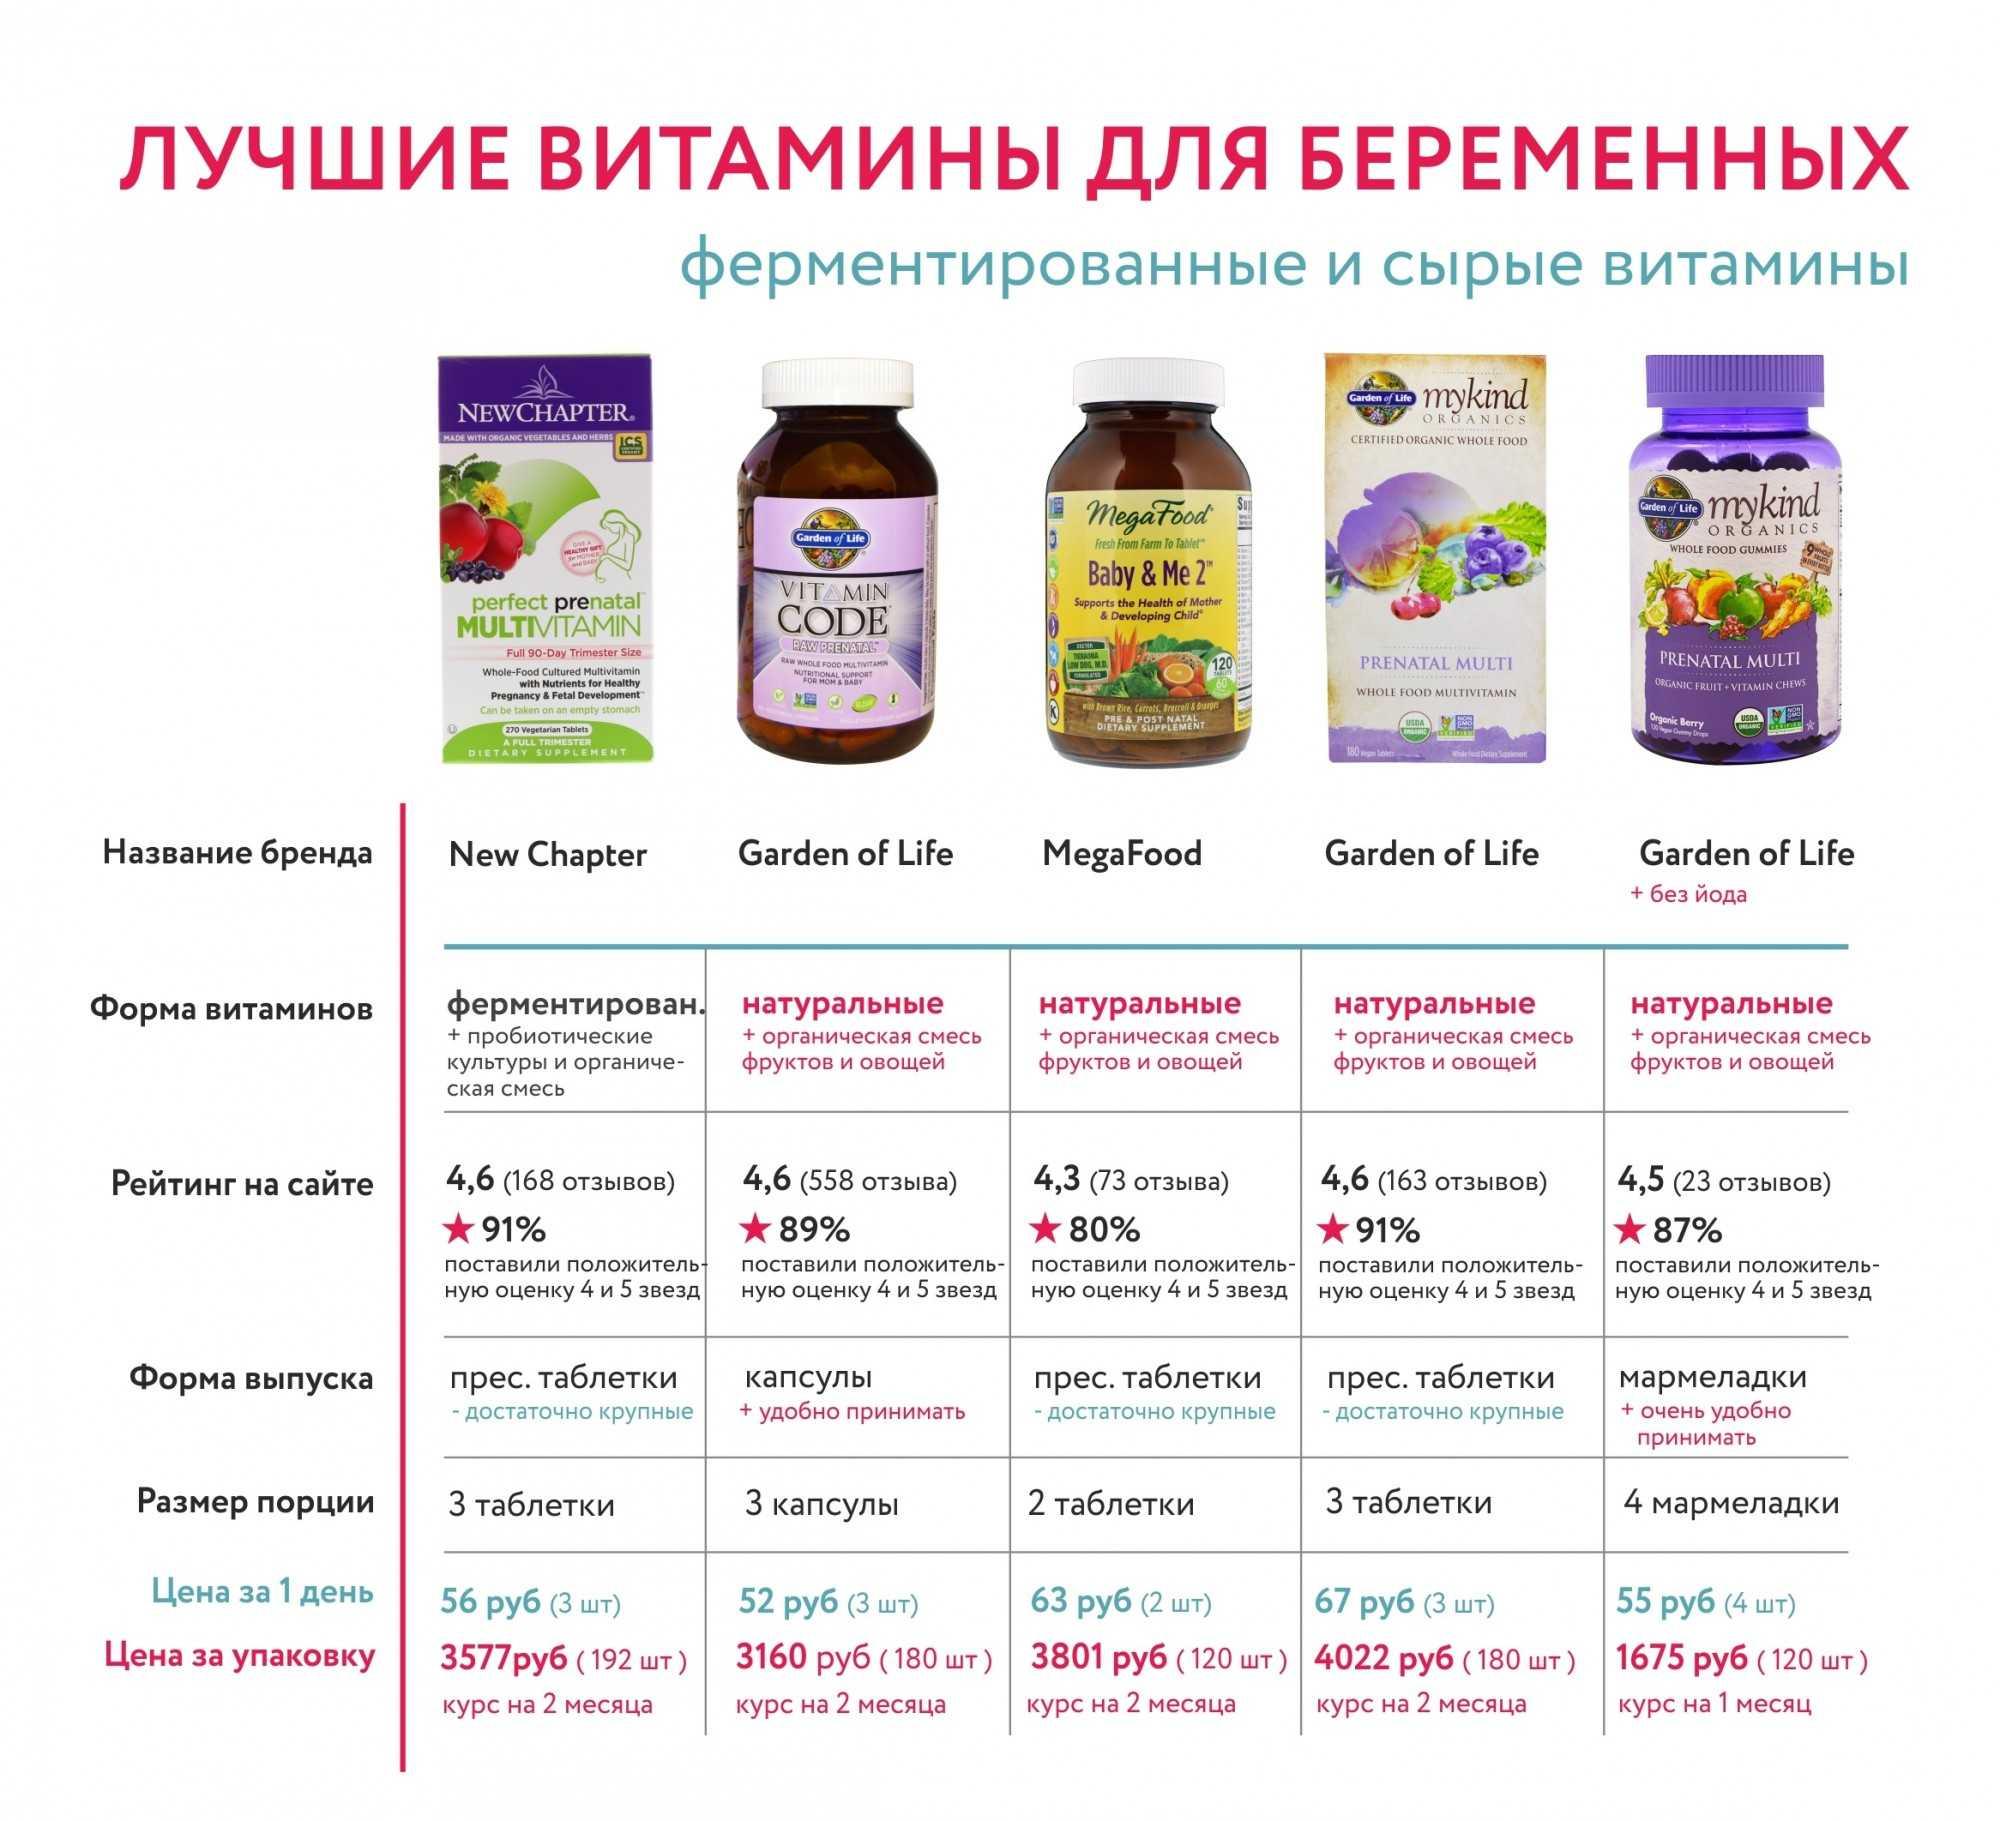 Сравнение витаминов для беременных и кормящих мам по составу и ценам — таблица